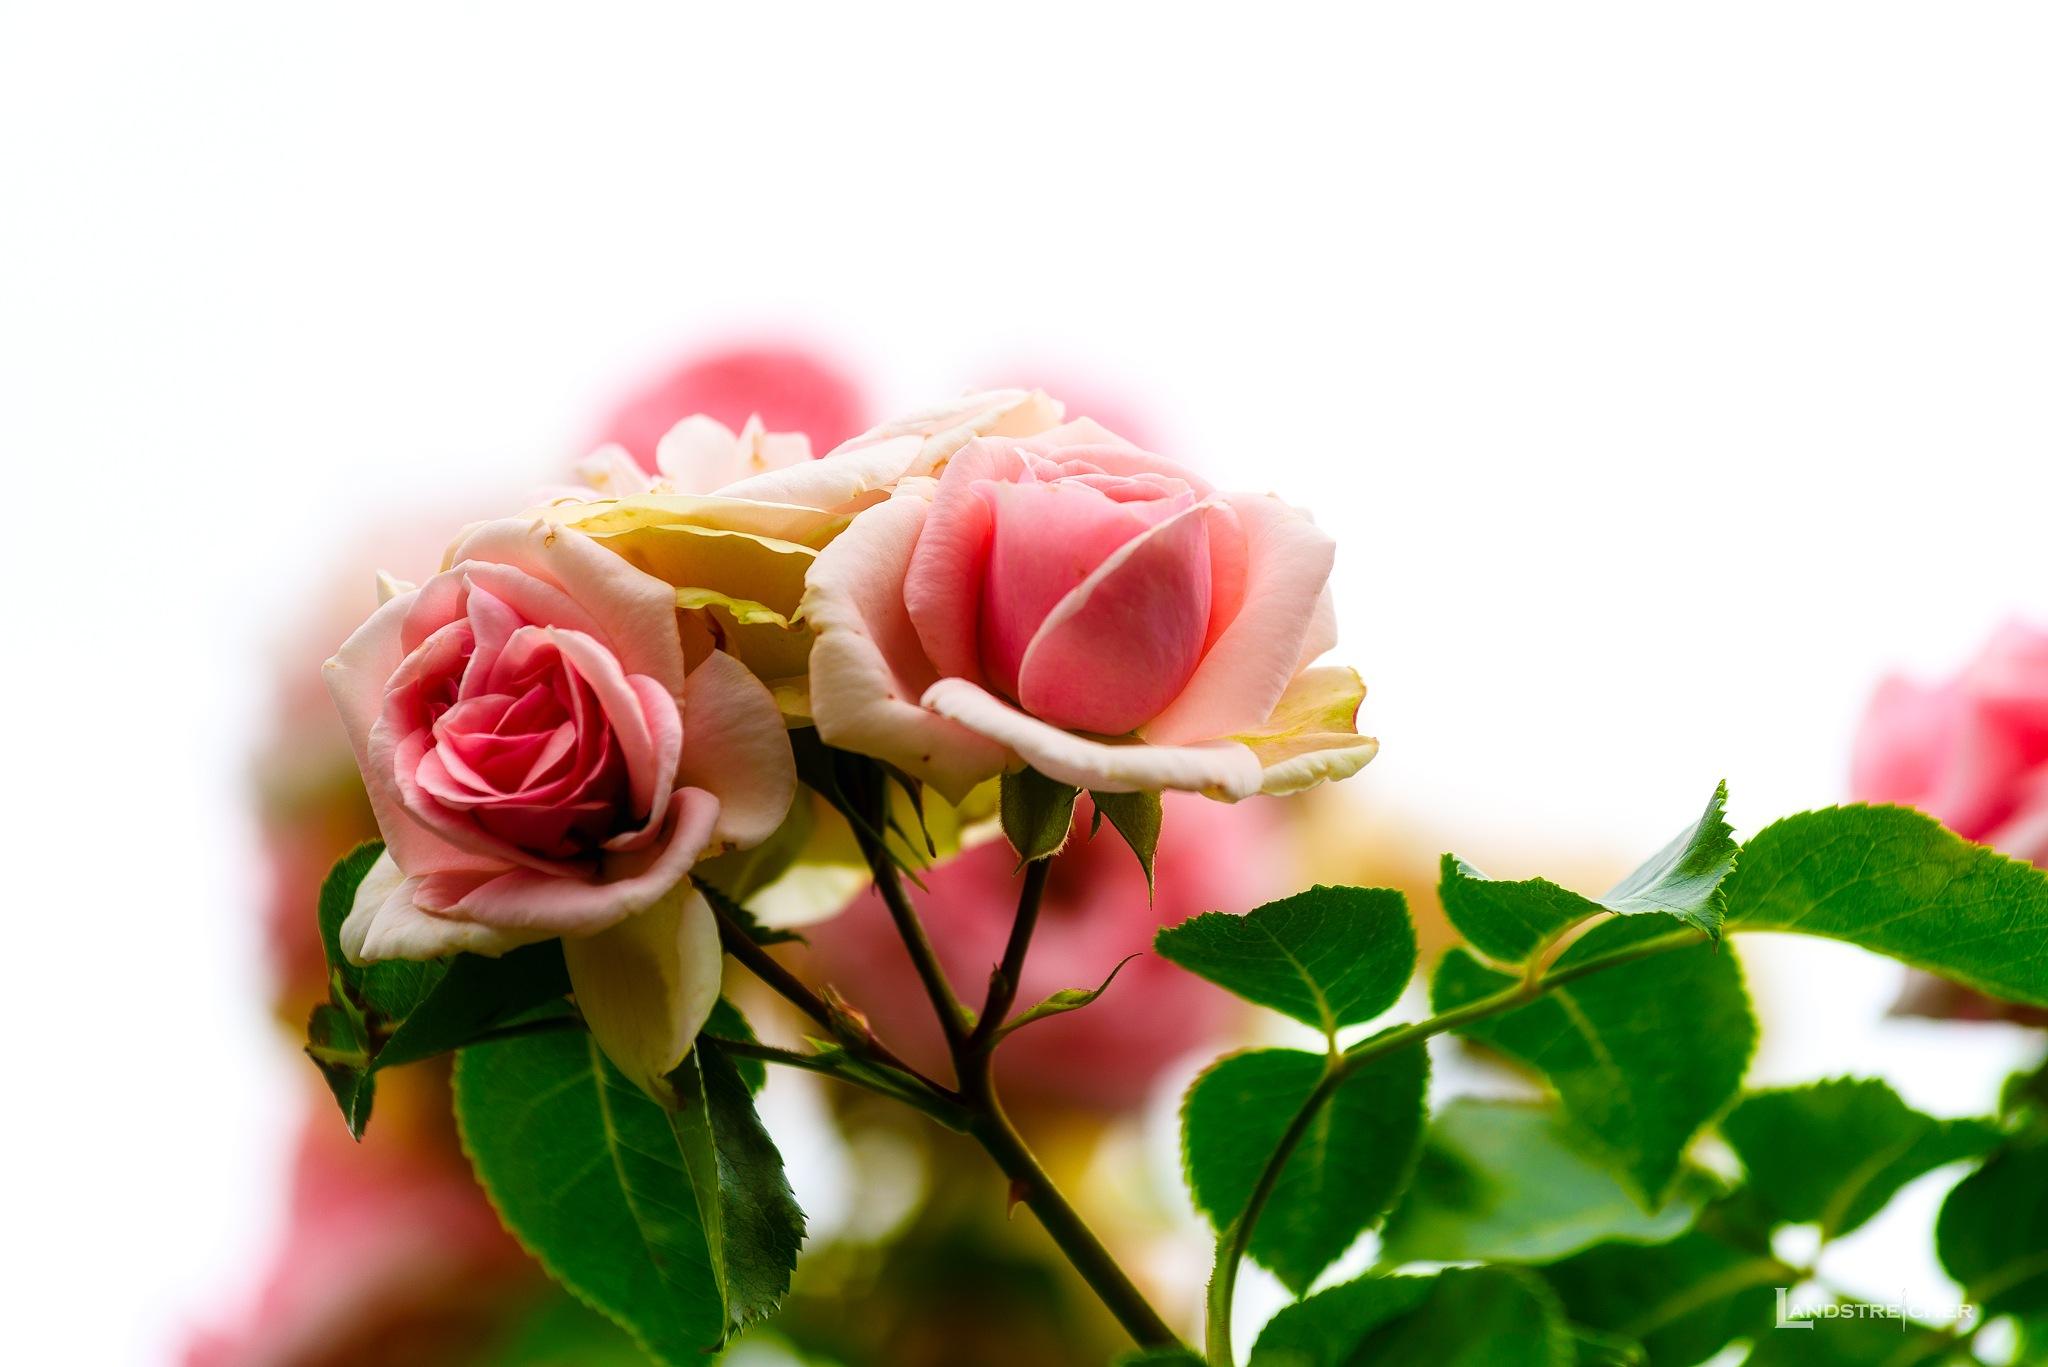 Dreamy Rose by Landstreicher